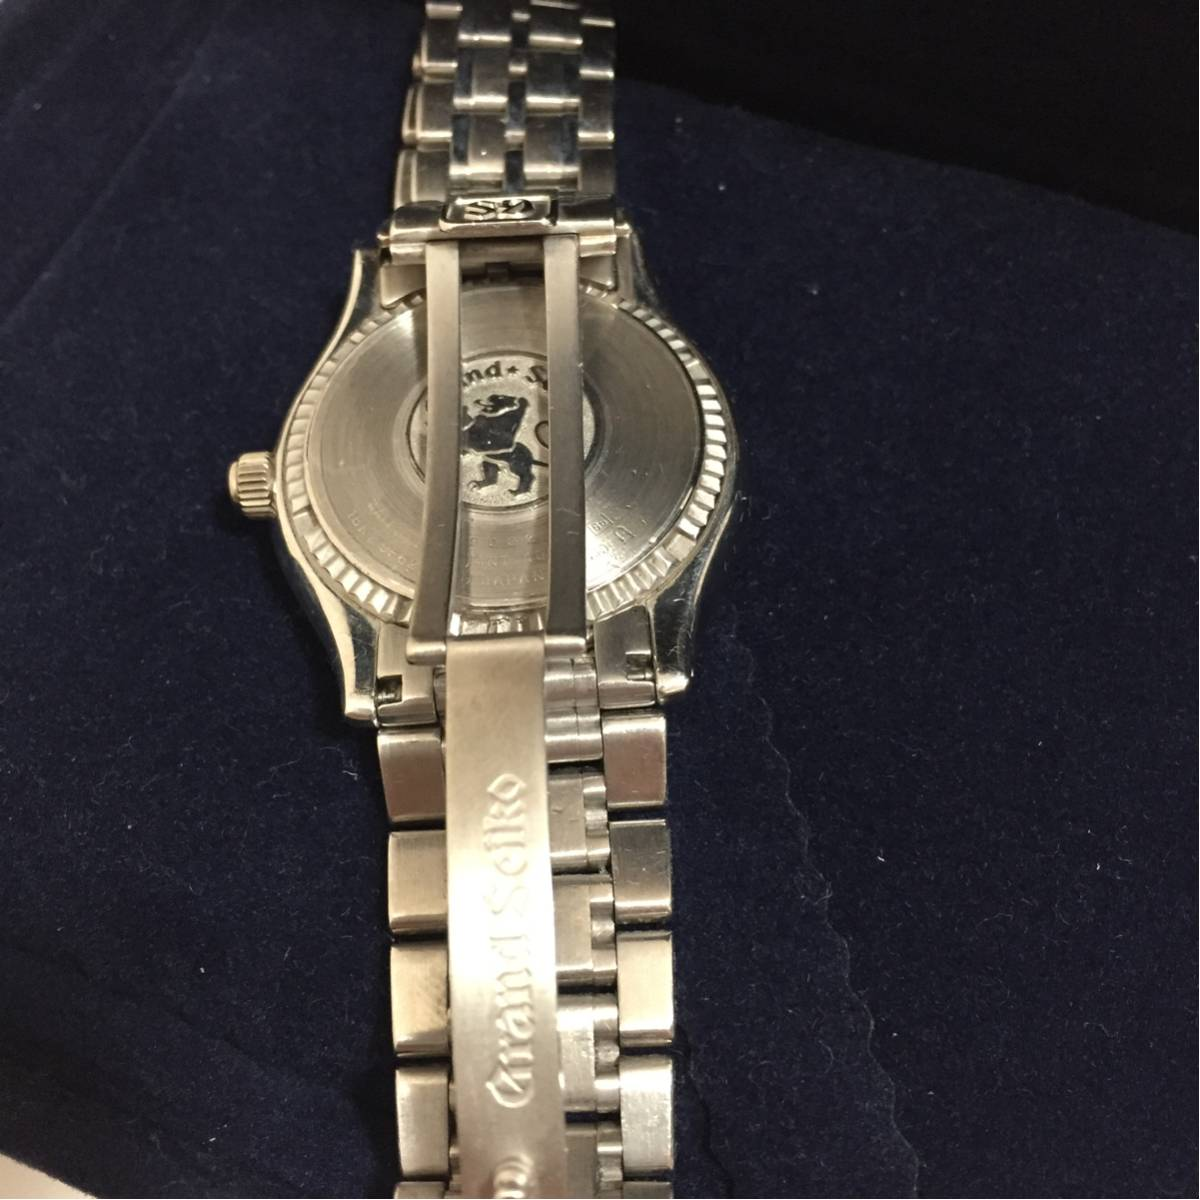 Grand Seiko グランドセイコー 18Kホワイトゴールド SBGX019 グランドセイコー最高峰モデル 正規品 WG無垢腕時計_画像3